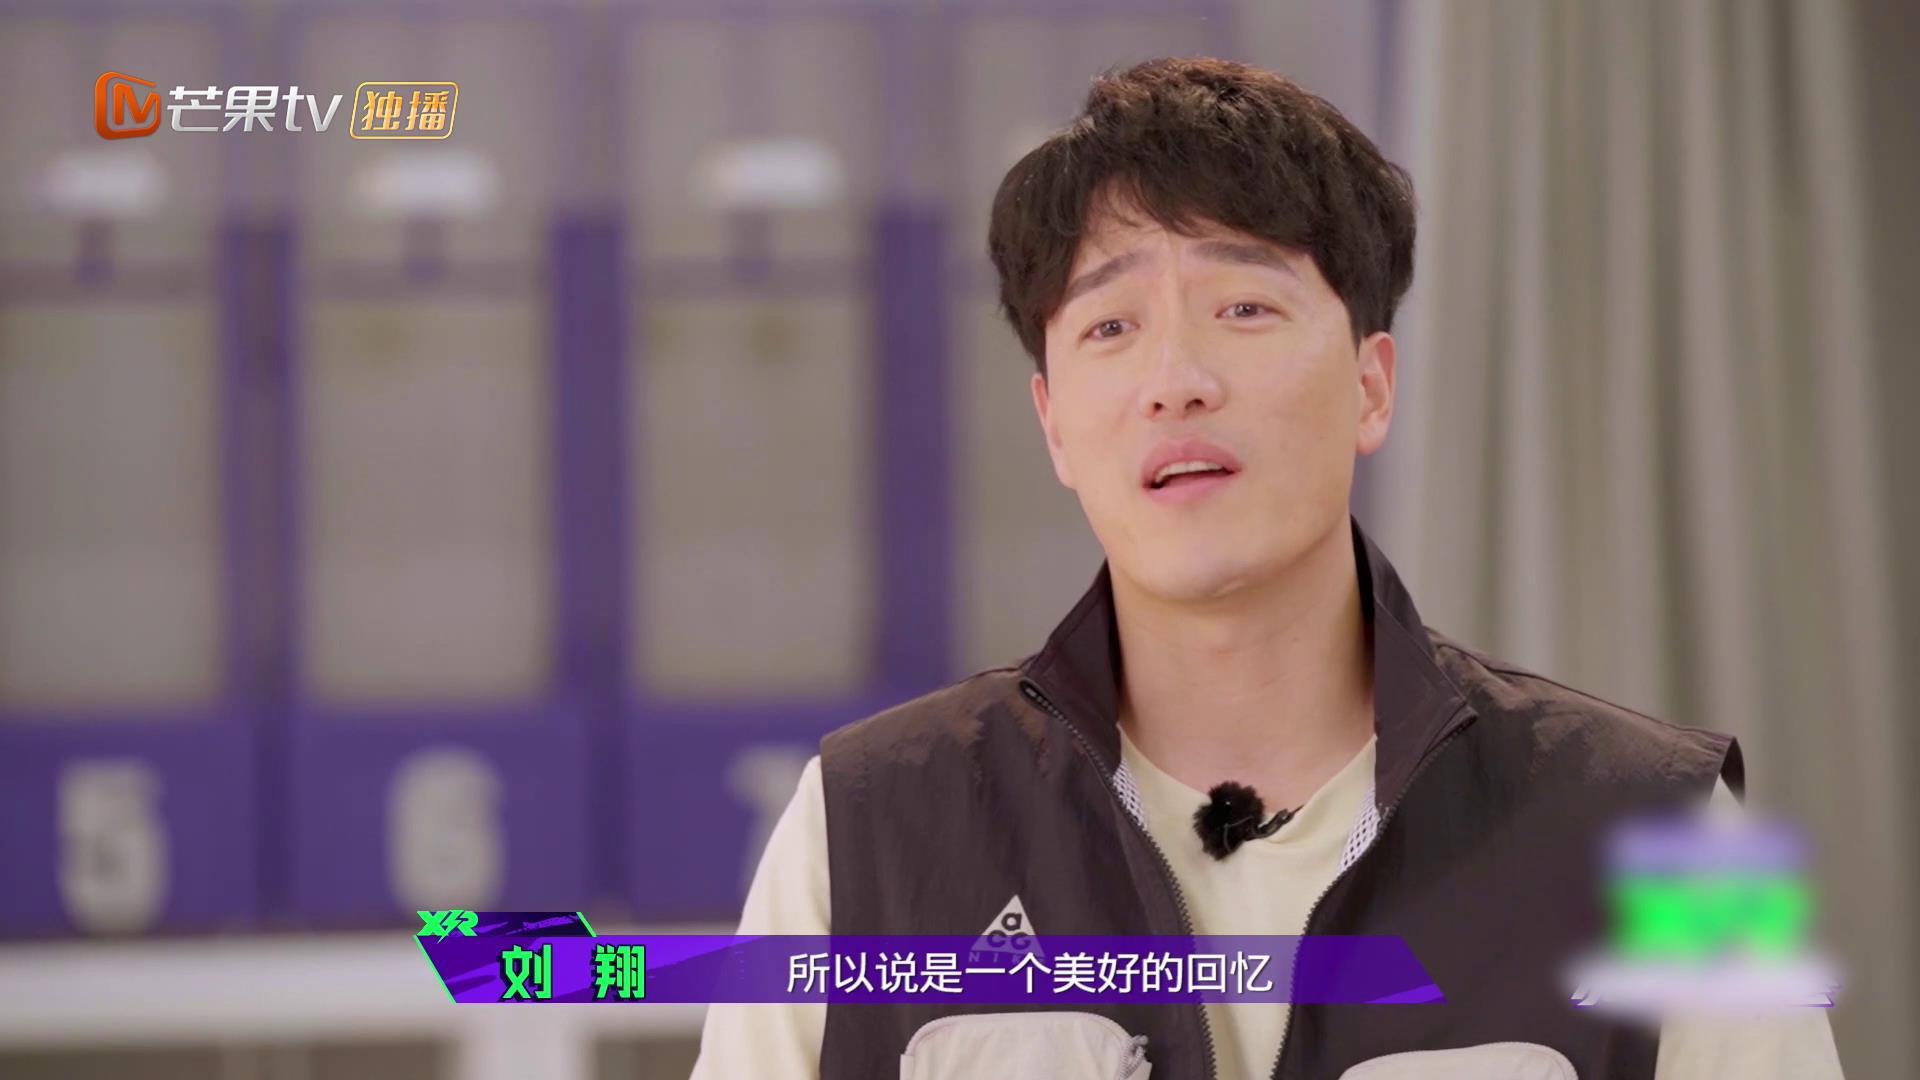 """《小巨人运动会》刘翔回忆奥运会夺冠 坦言:""""想永远停留在21岁"""""""